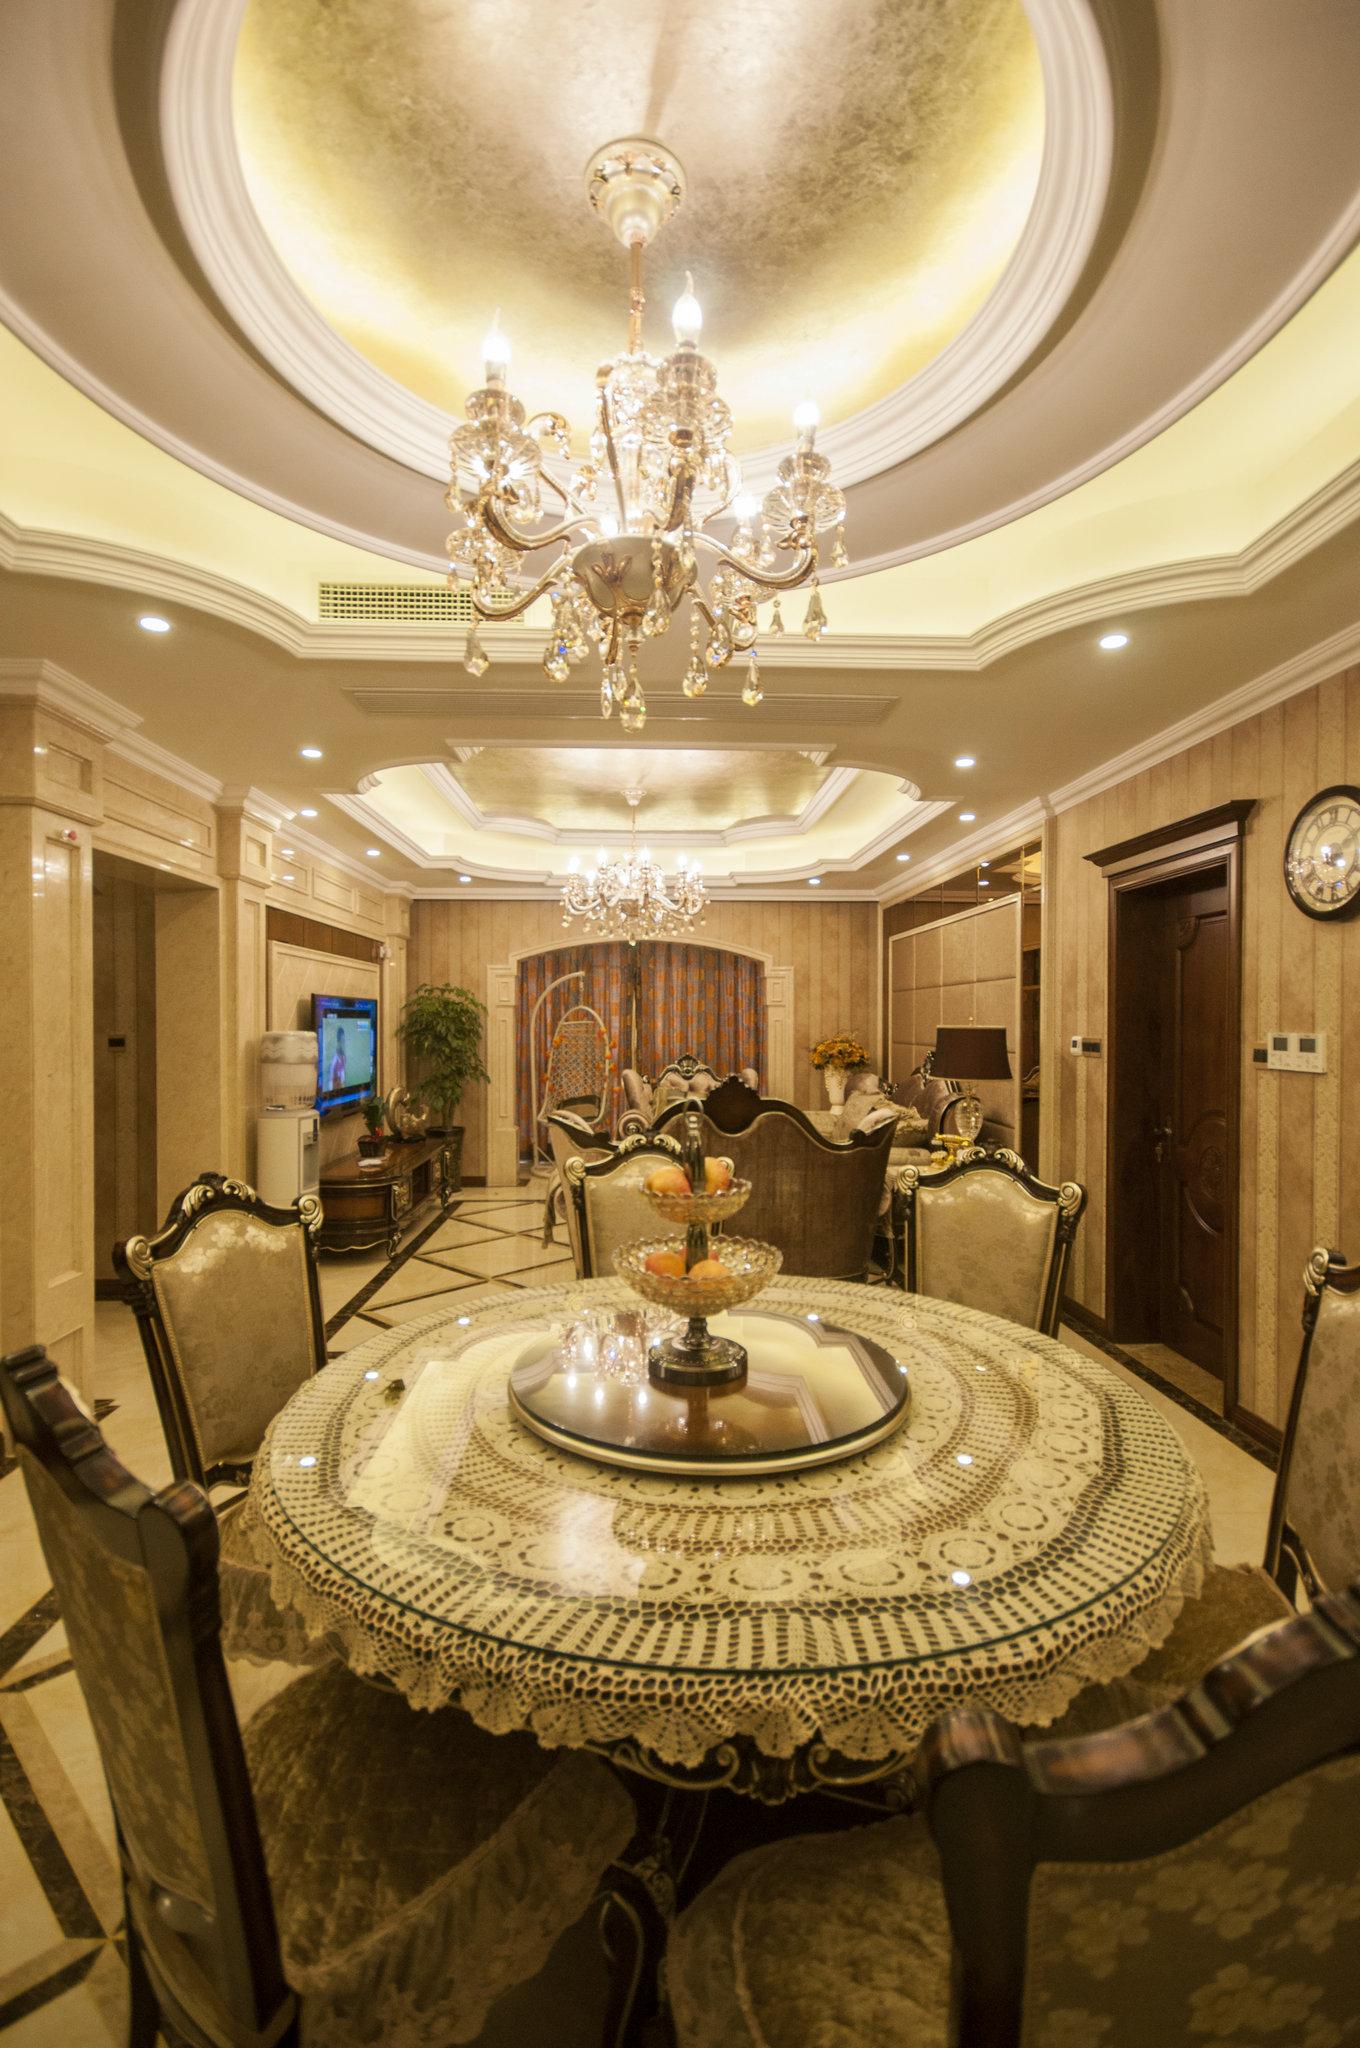 东方御花园 别墅装修 中式风格 腾龙设计 餐厅图片来自腾龙设计在东方御花园别墅装修完工实景的分享